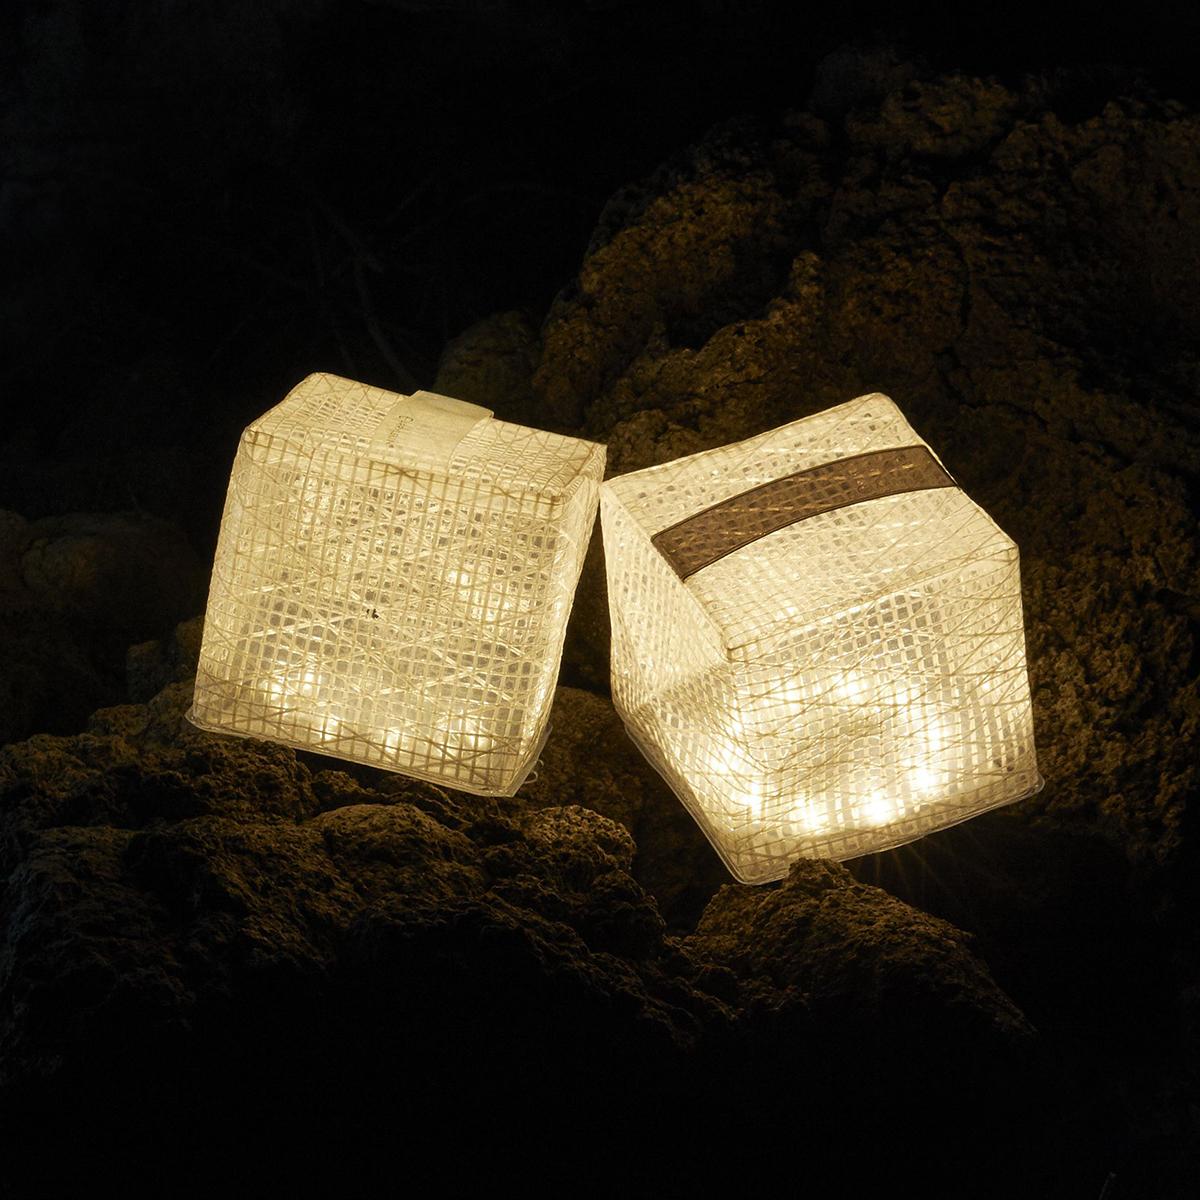 「ウォームライト」は、白熱灯のような暖色の光を放ちます。薄さ1.2cmに畳める超軽量ソーラー充電式ライト(ランタン)で、いつも太陽の光がそばに|carry the sun